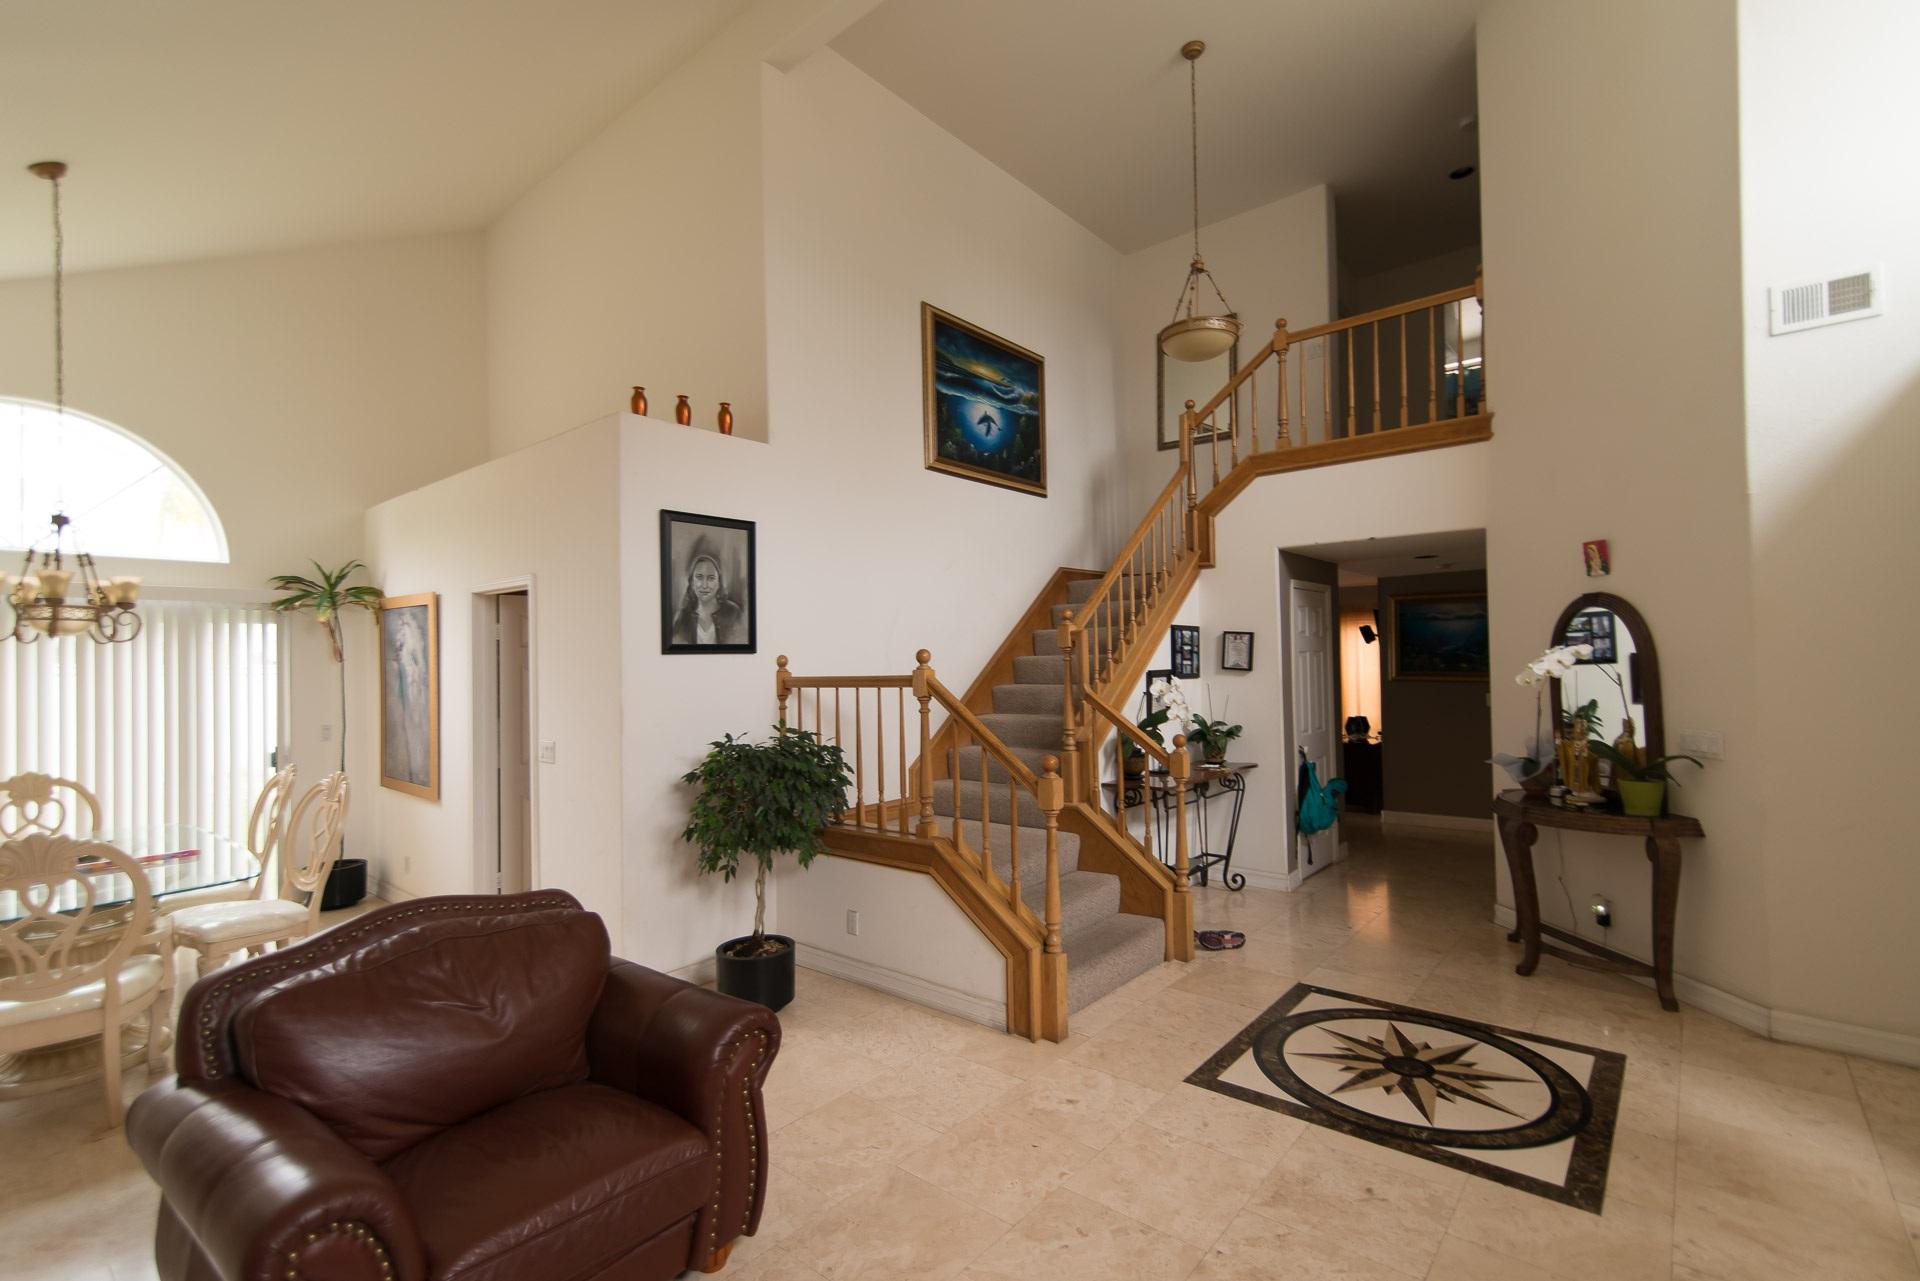 Kostenlose foto : Tabelle, die Architektur, Weiß, Villa, Haus, Stock ...